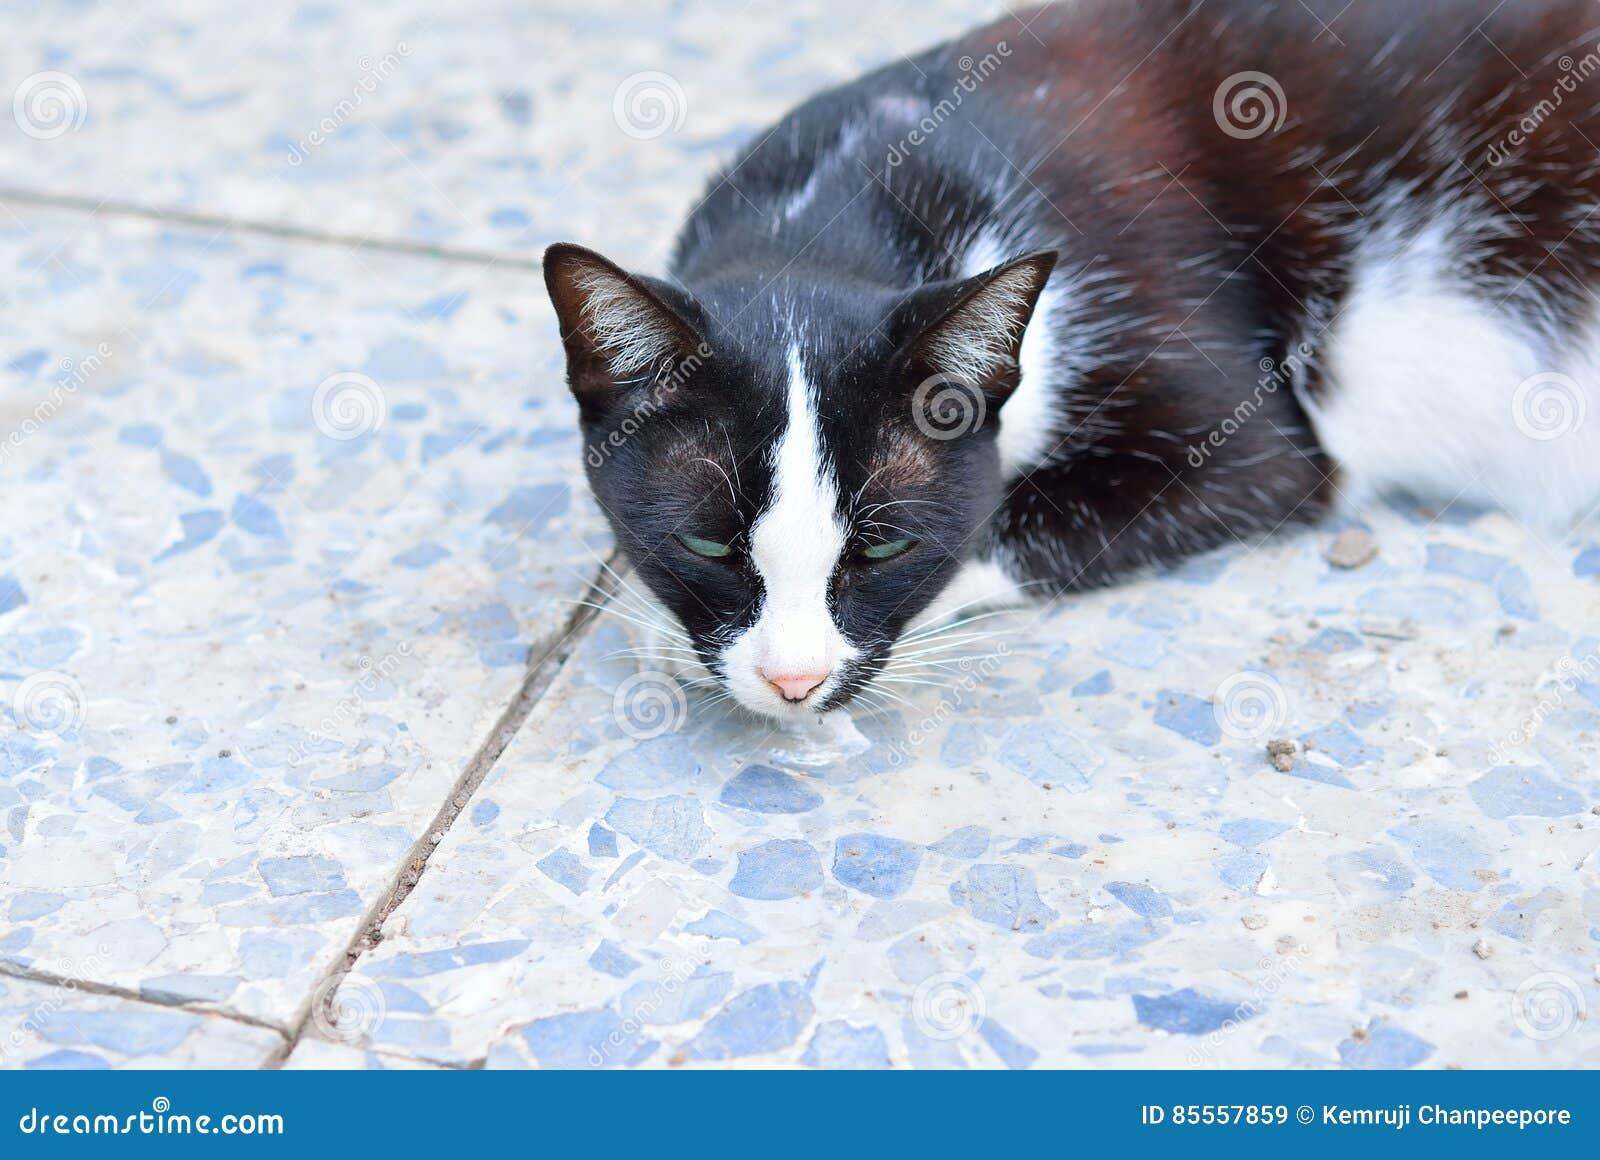 Katze legen sich auf dem Boden hin